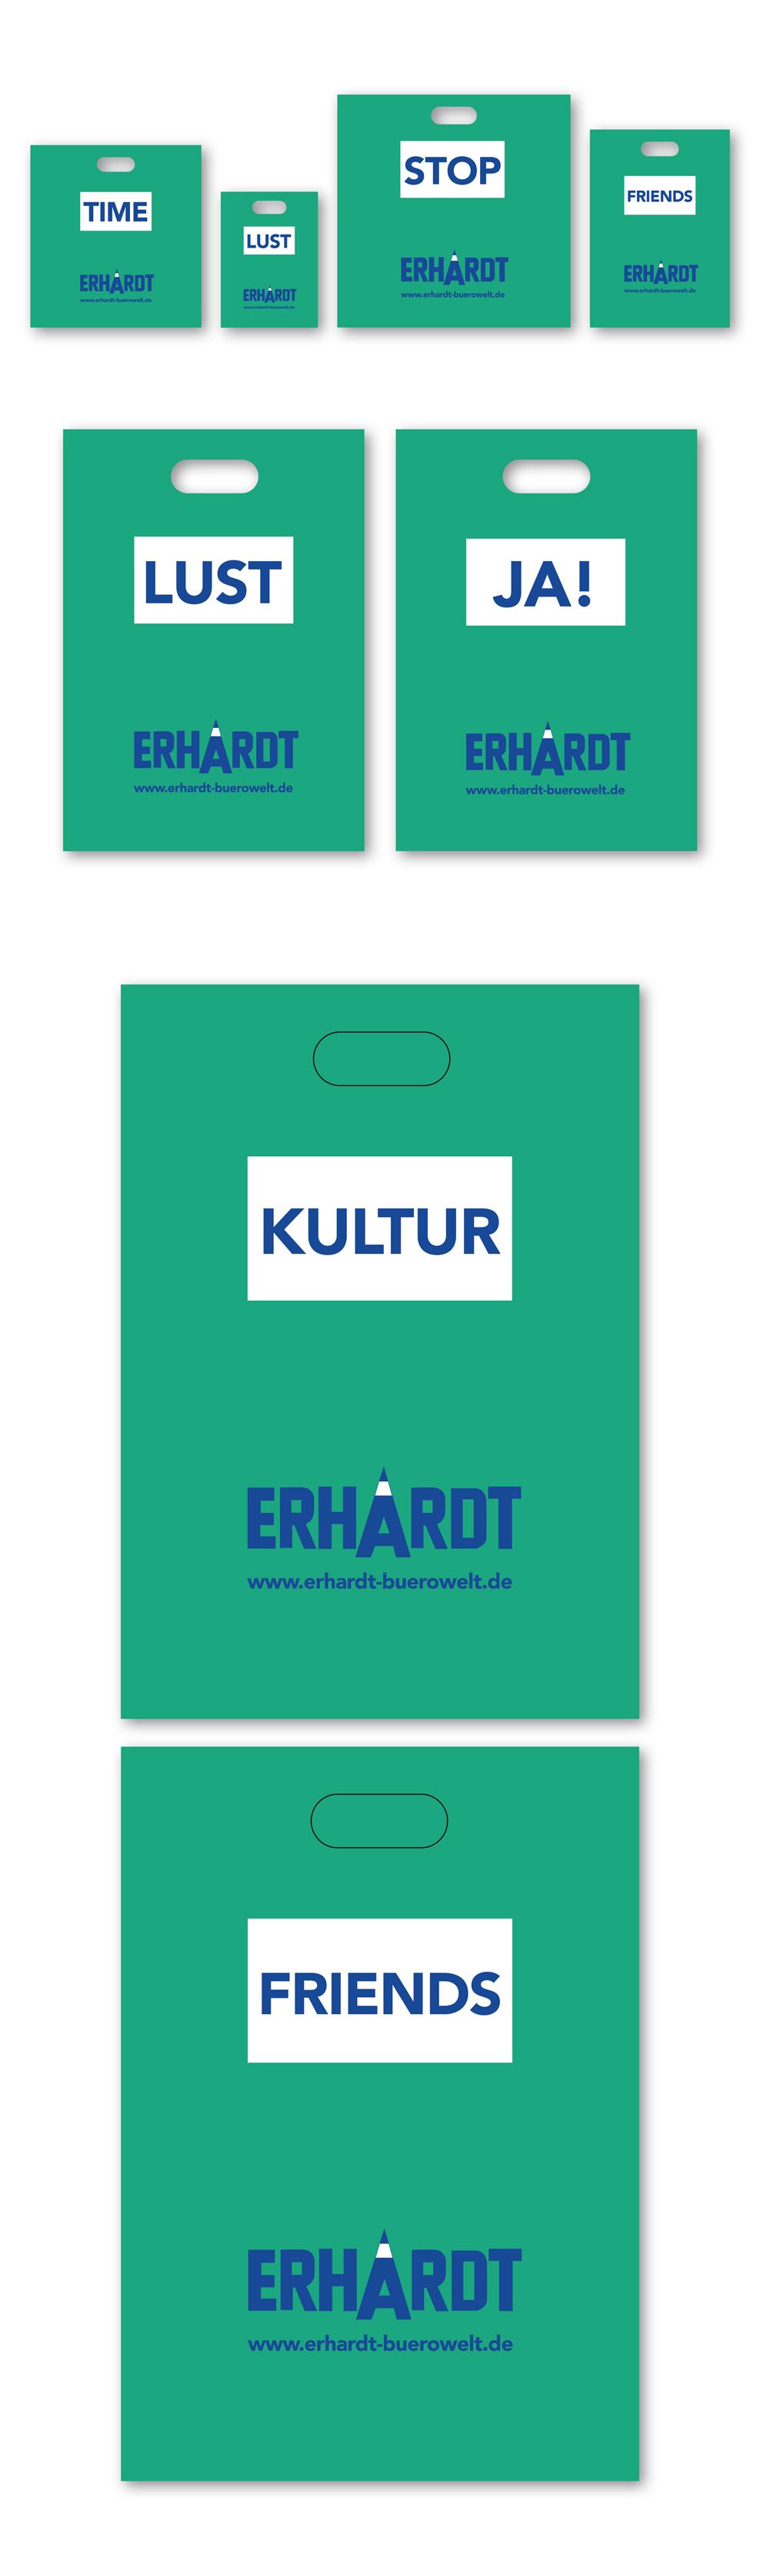 erhardt_02